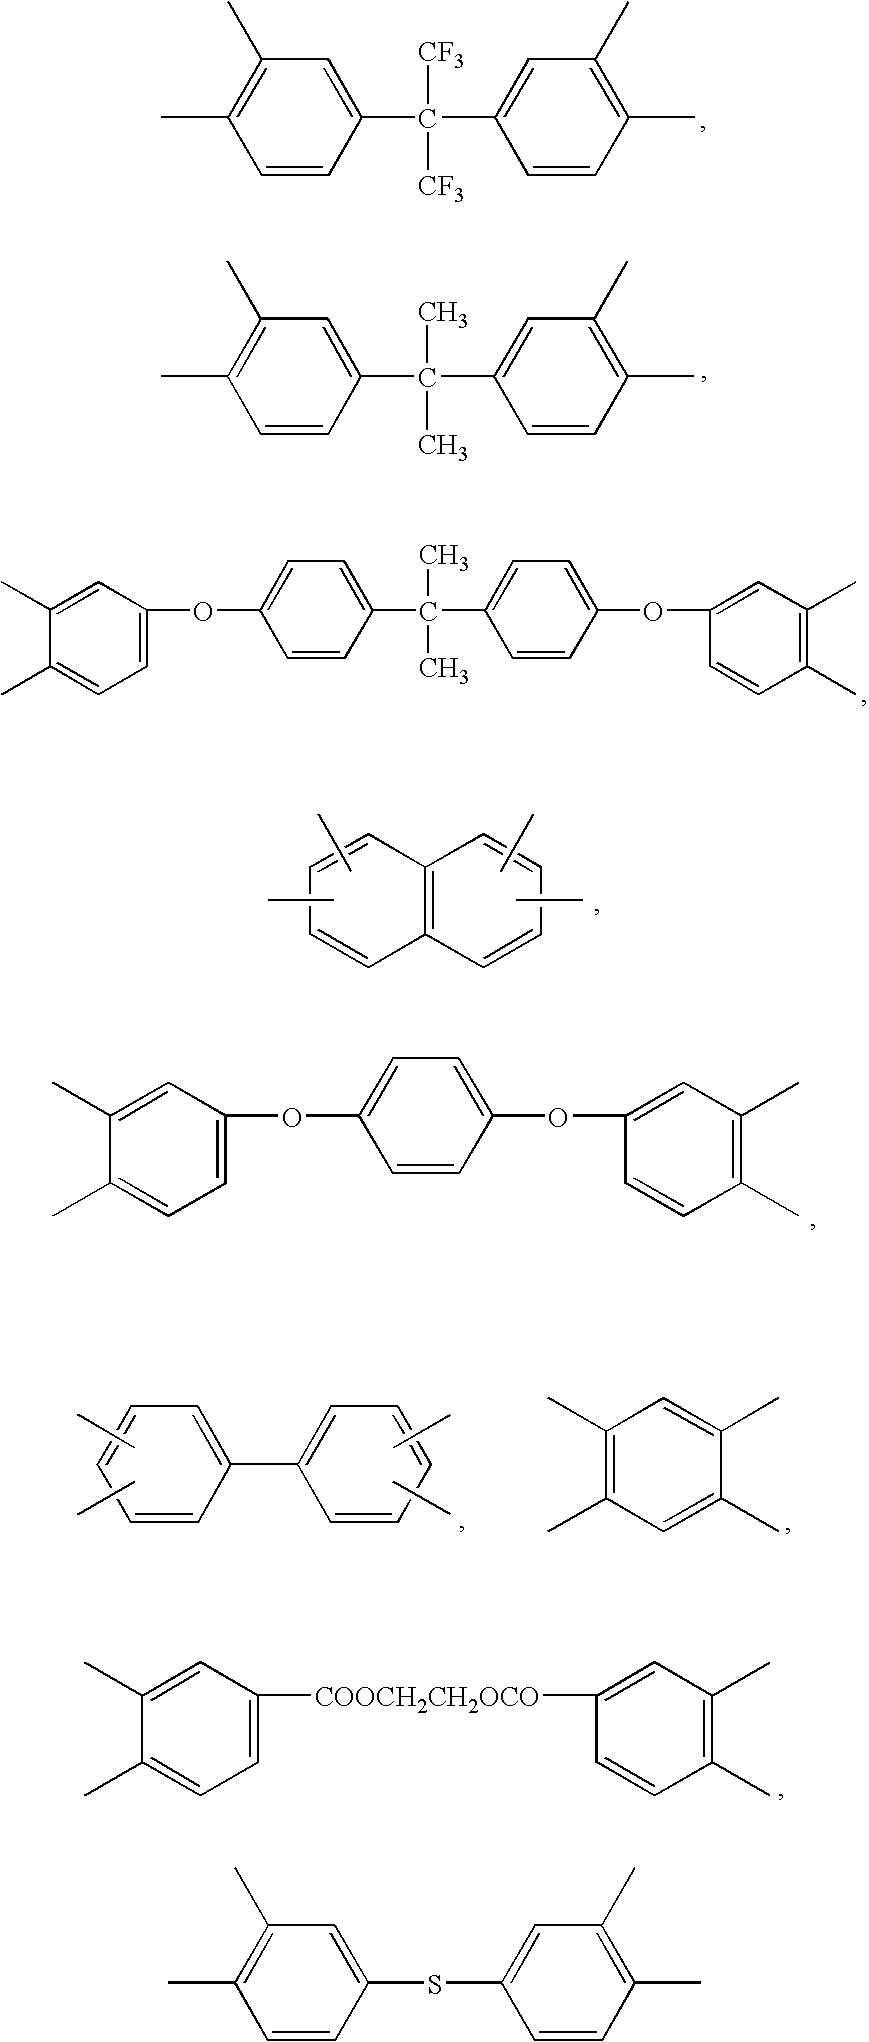 Figure US08127937-20120306-C00014